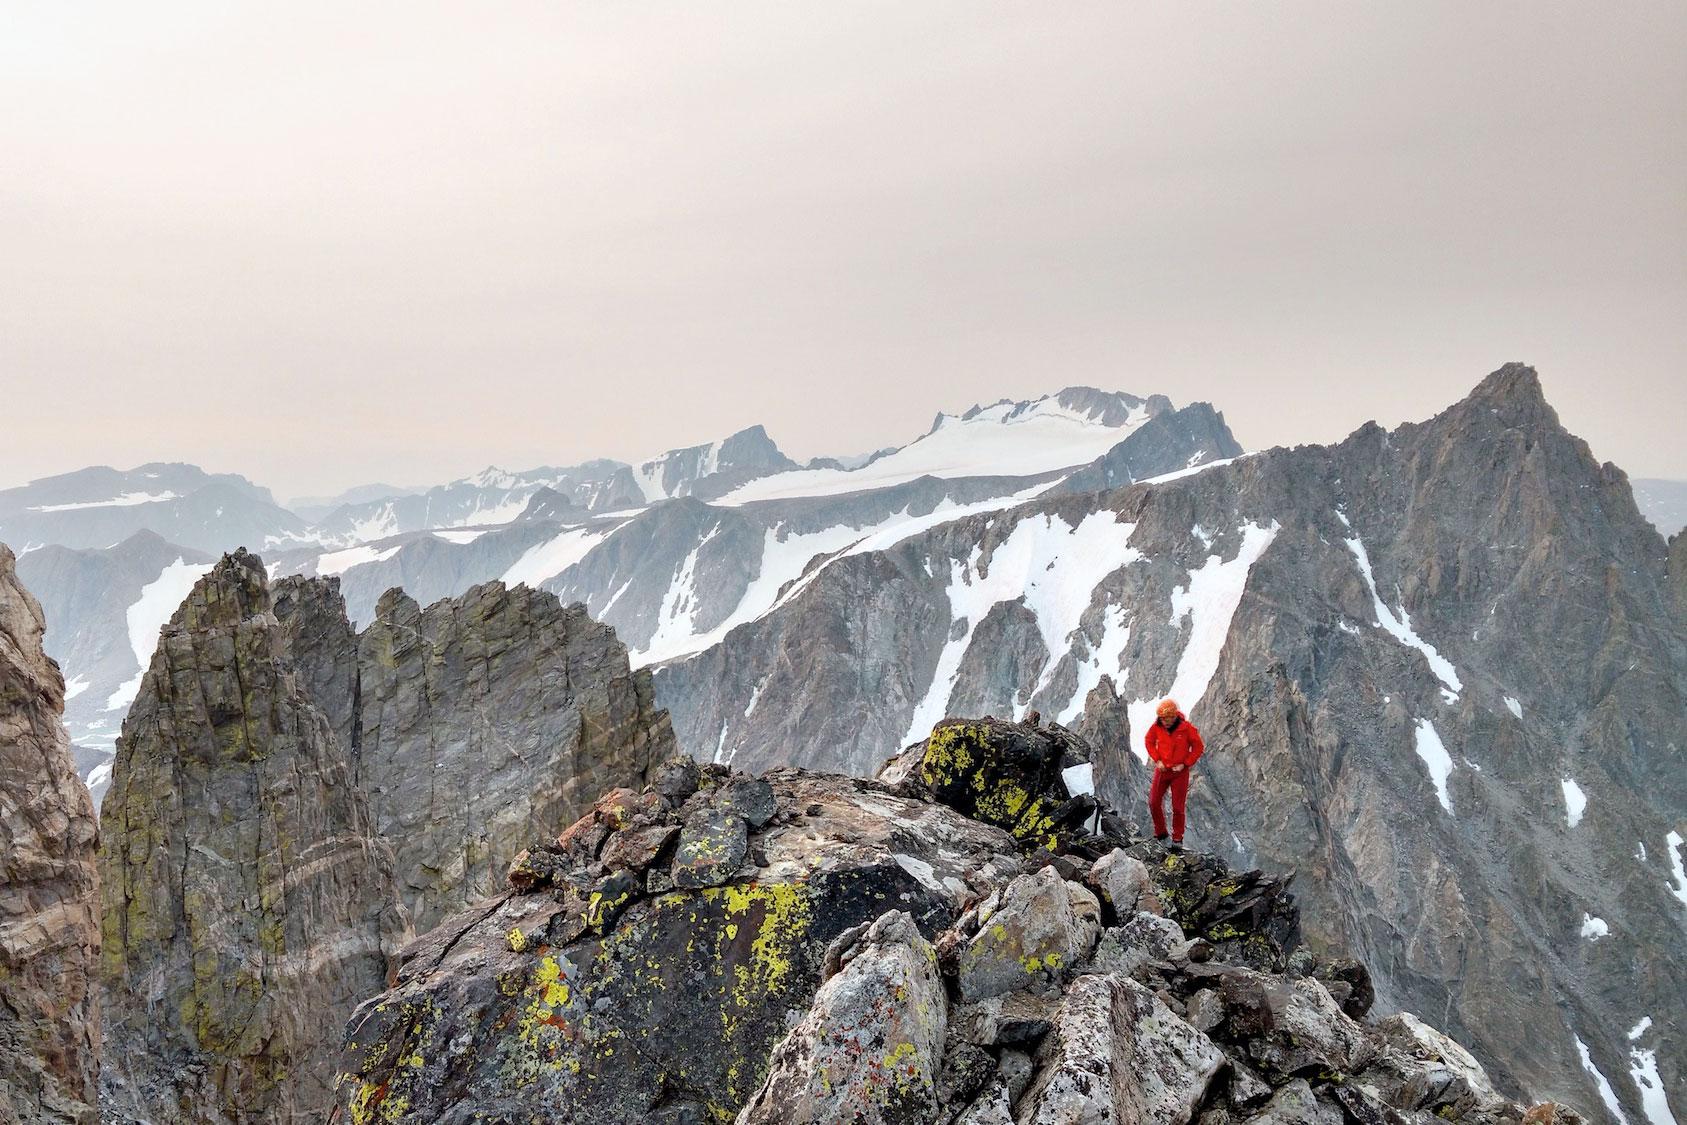 Husband-Wife Team Bags 33 Wind River Peaks in Three Weeks